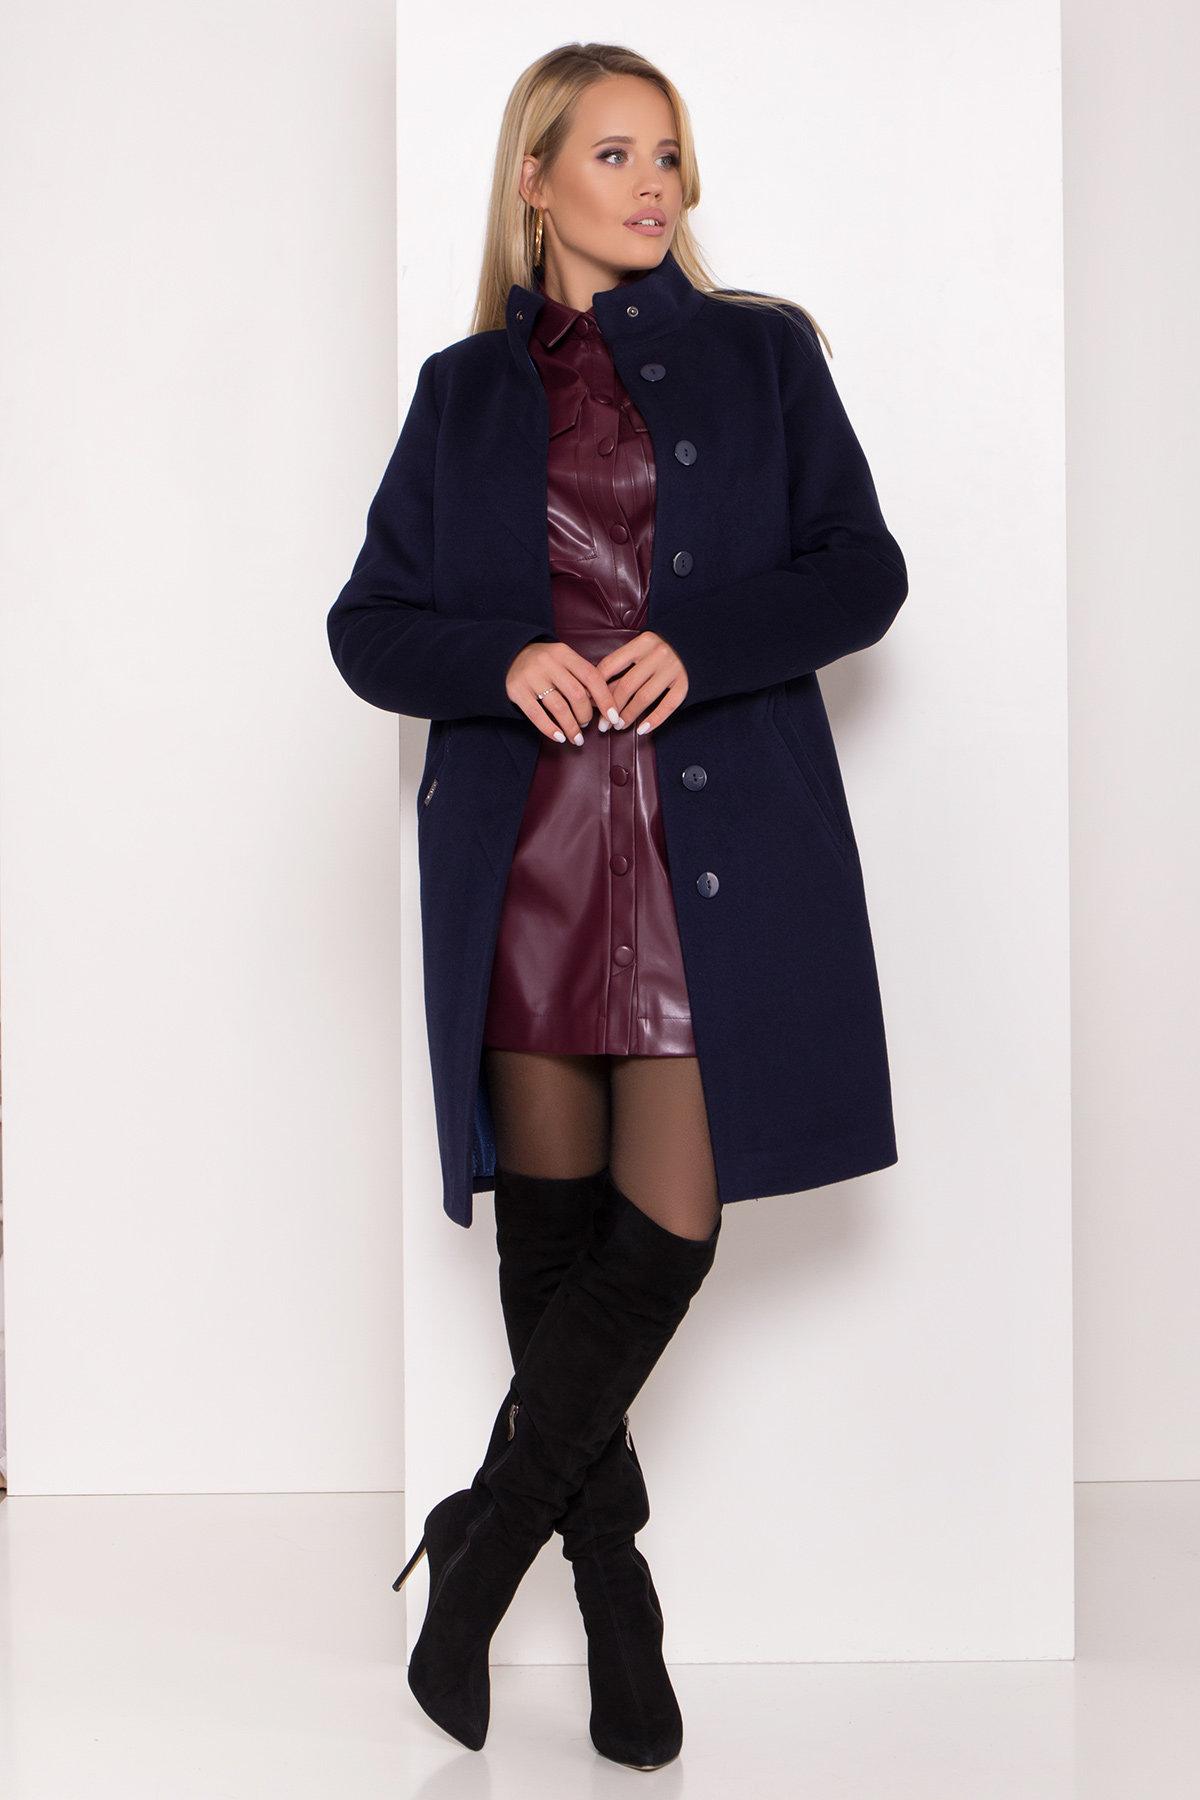 Пальто зима с хомутом Люцея 8211 АРТ. 44224 Цвет: Т.синий Н-14 - фото 1, интернет магазин tm-modus.ru